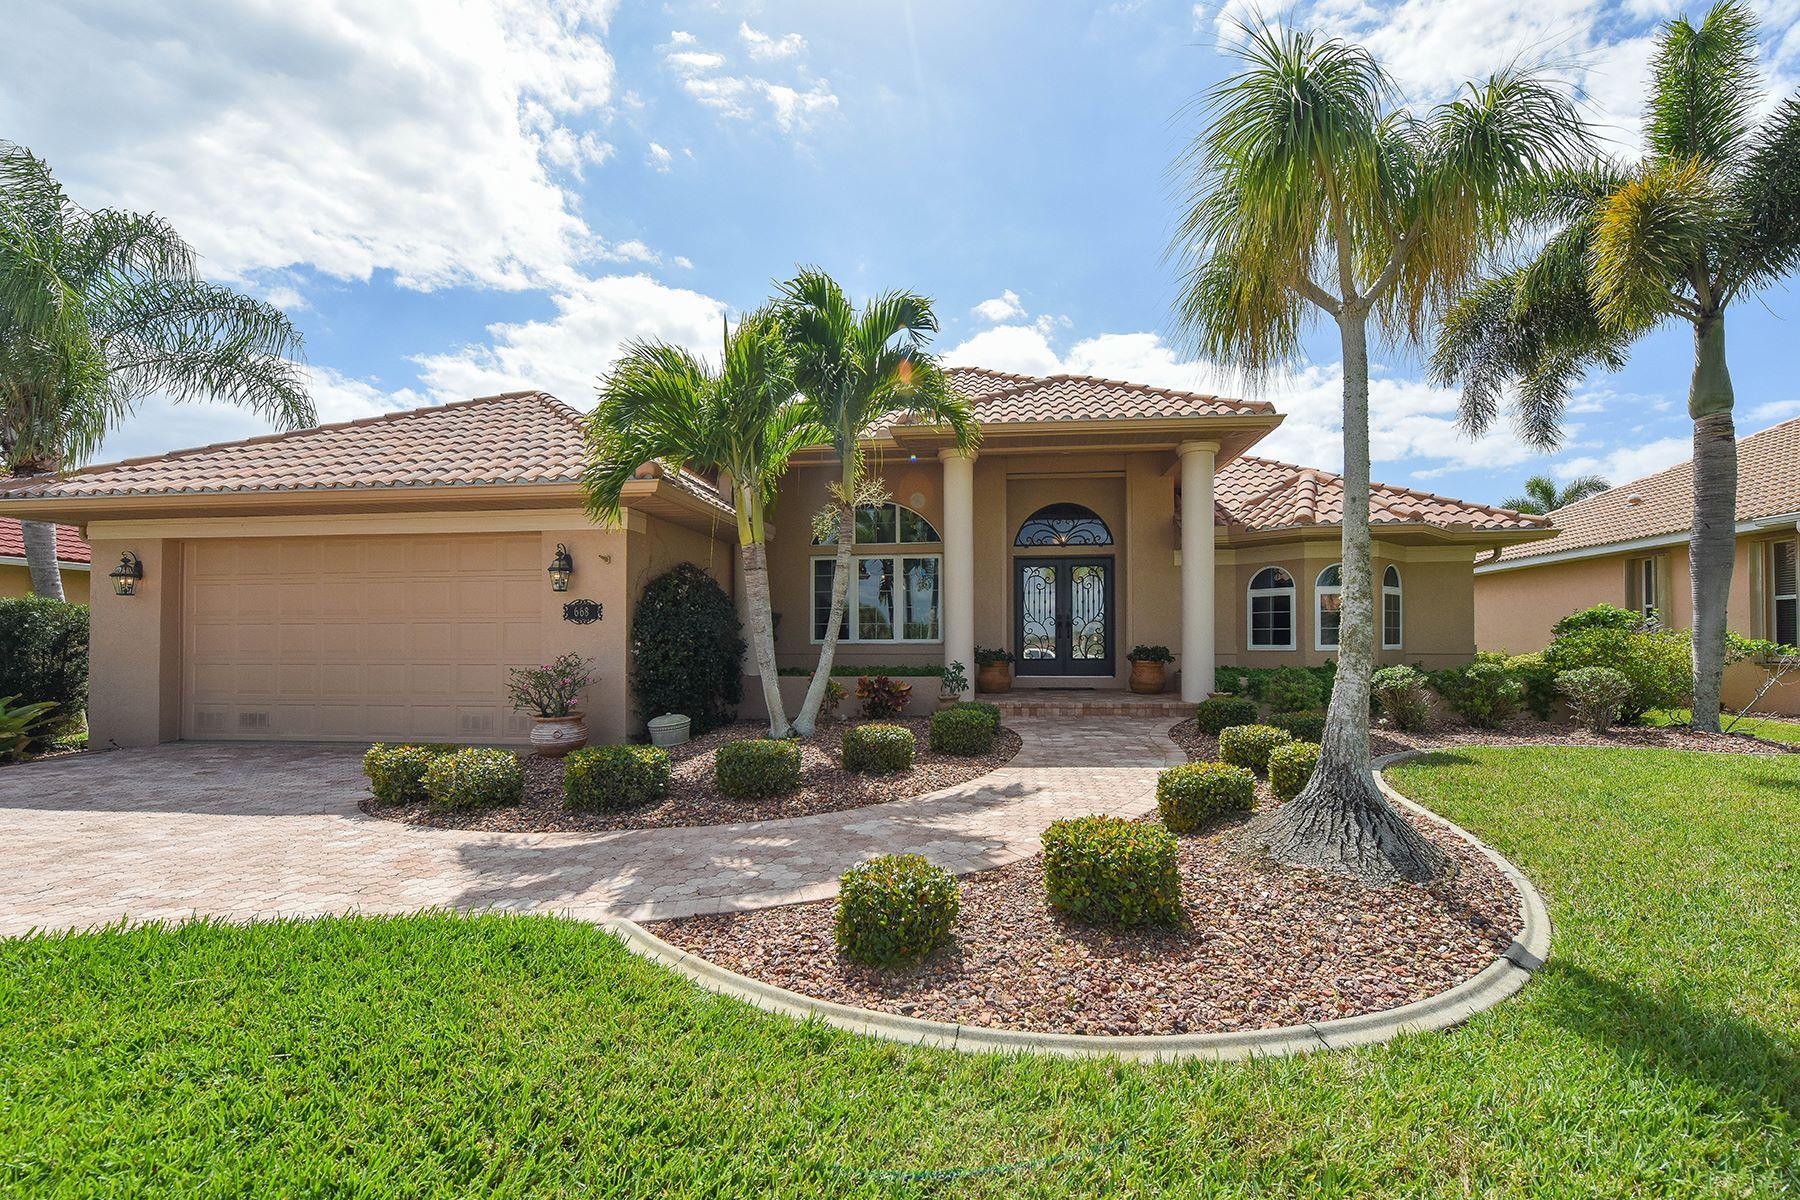 Частный односемейный дом для того Продажа на BURNT STORE ISLES 668 Monaco Dr Punta Gorda, Флорида, 33950 Соединенные Штаты